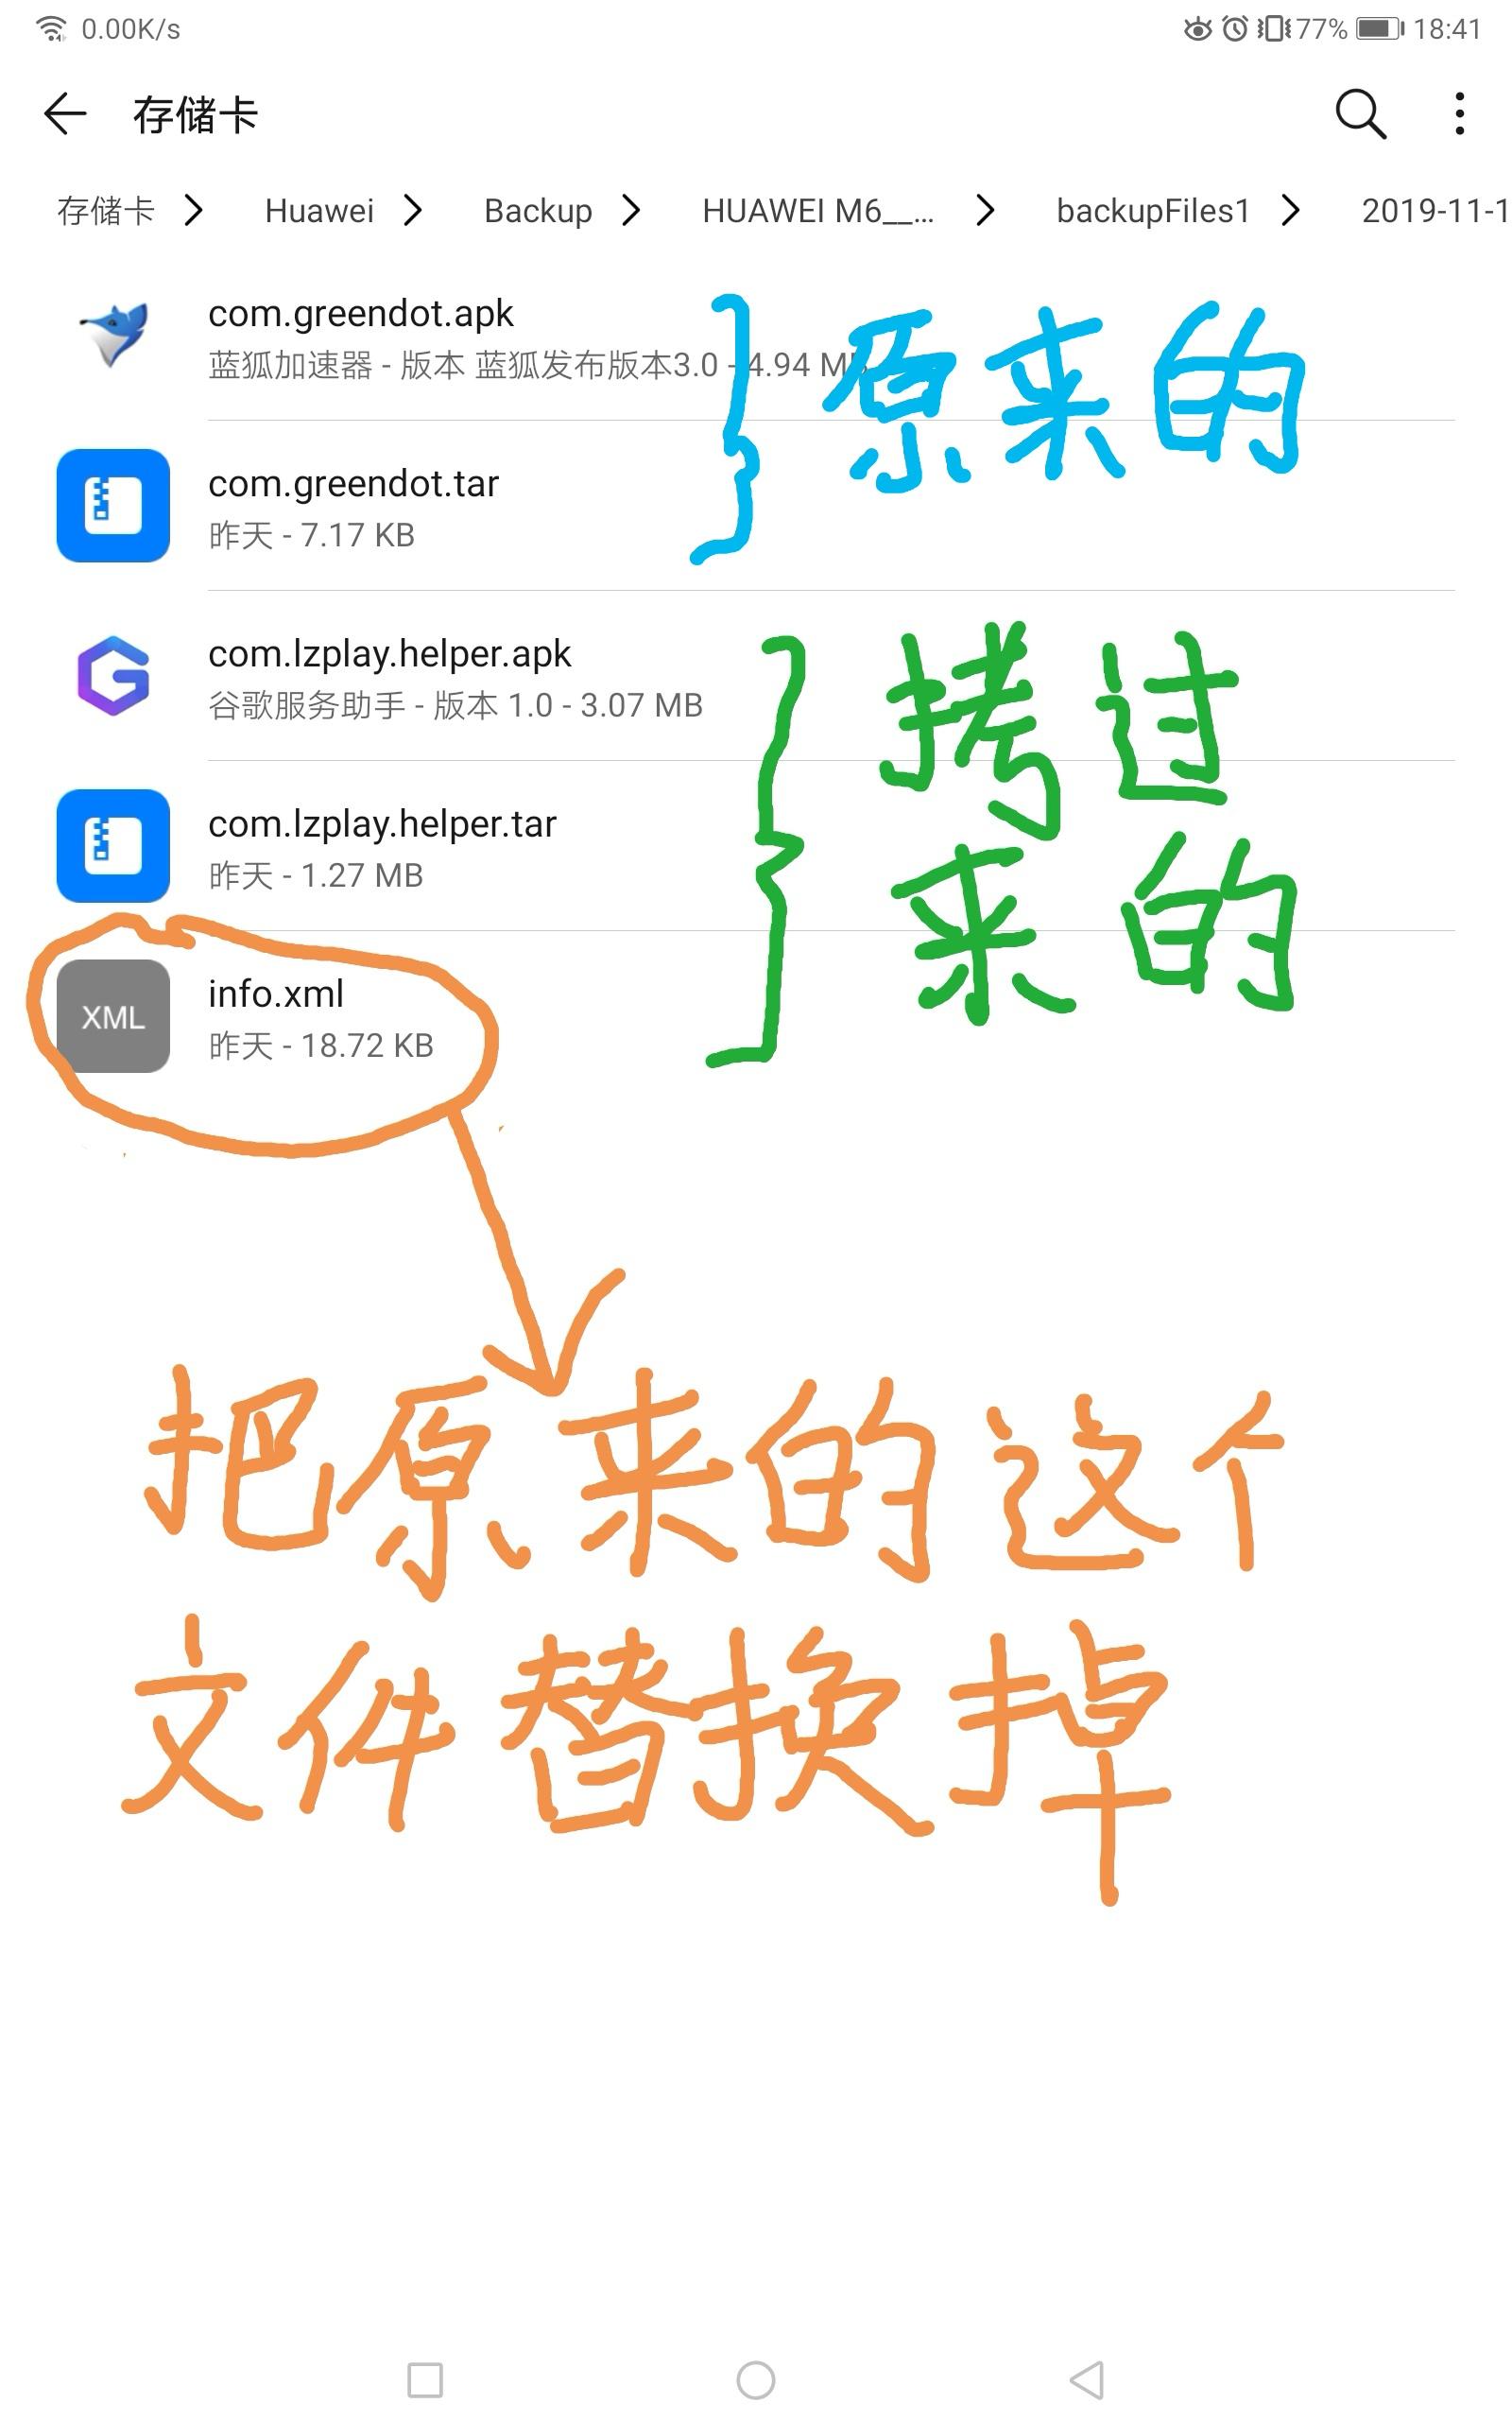 Screenshot_20191112_184806.jpg